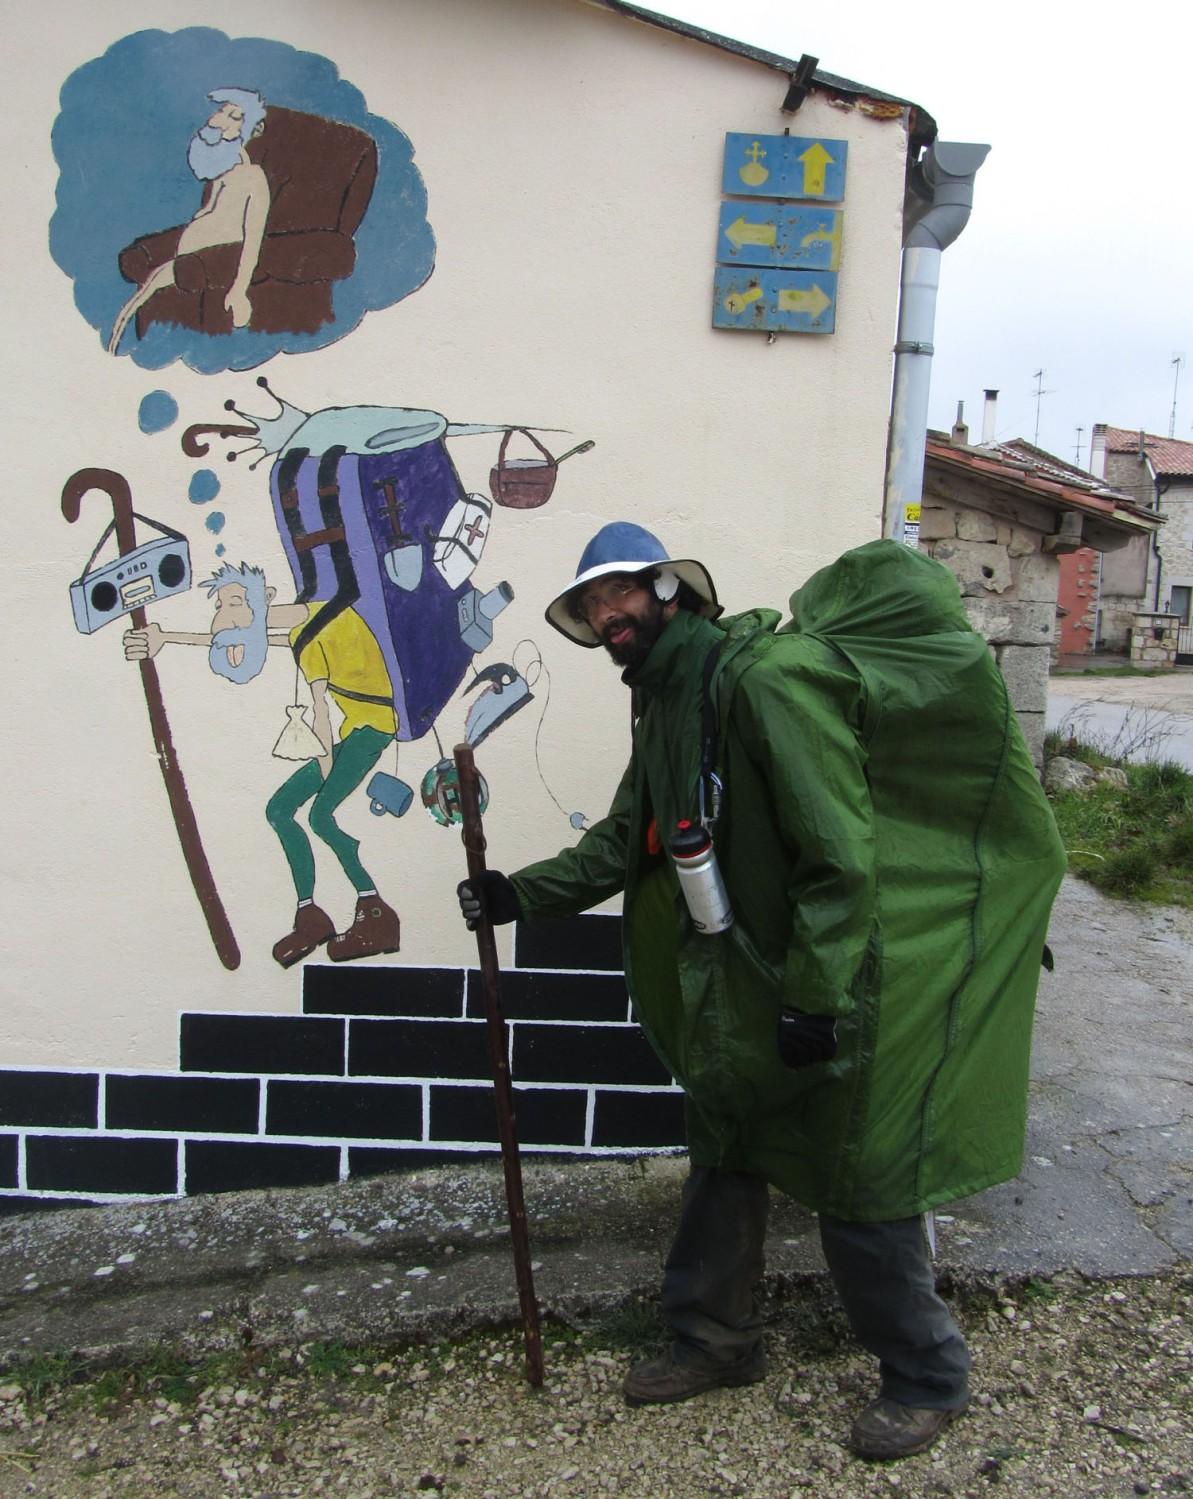 Camino-De-Santiago-People-Beppe